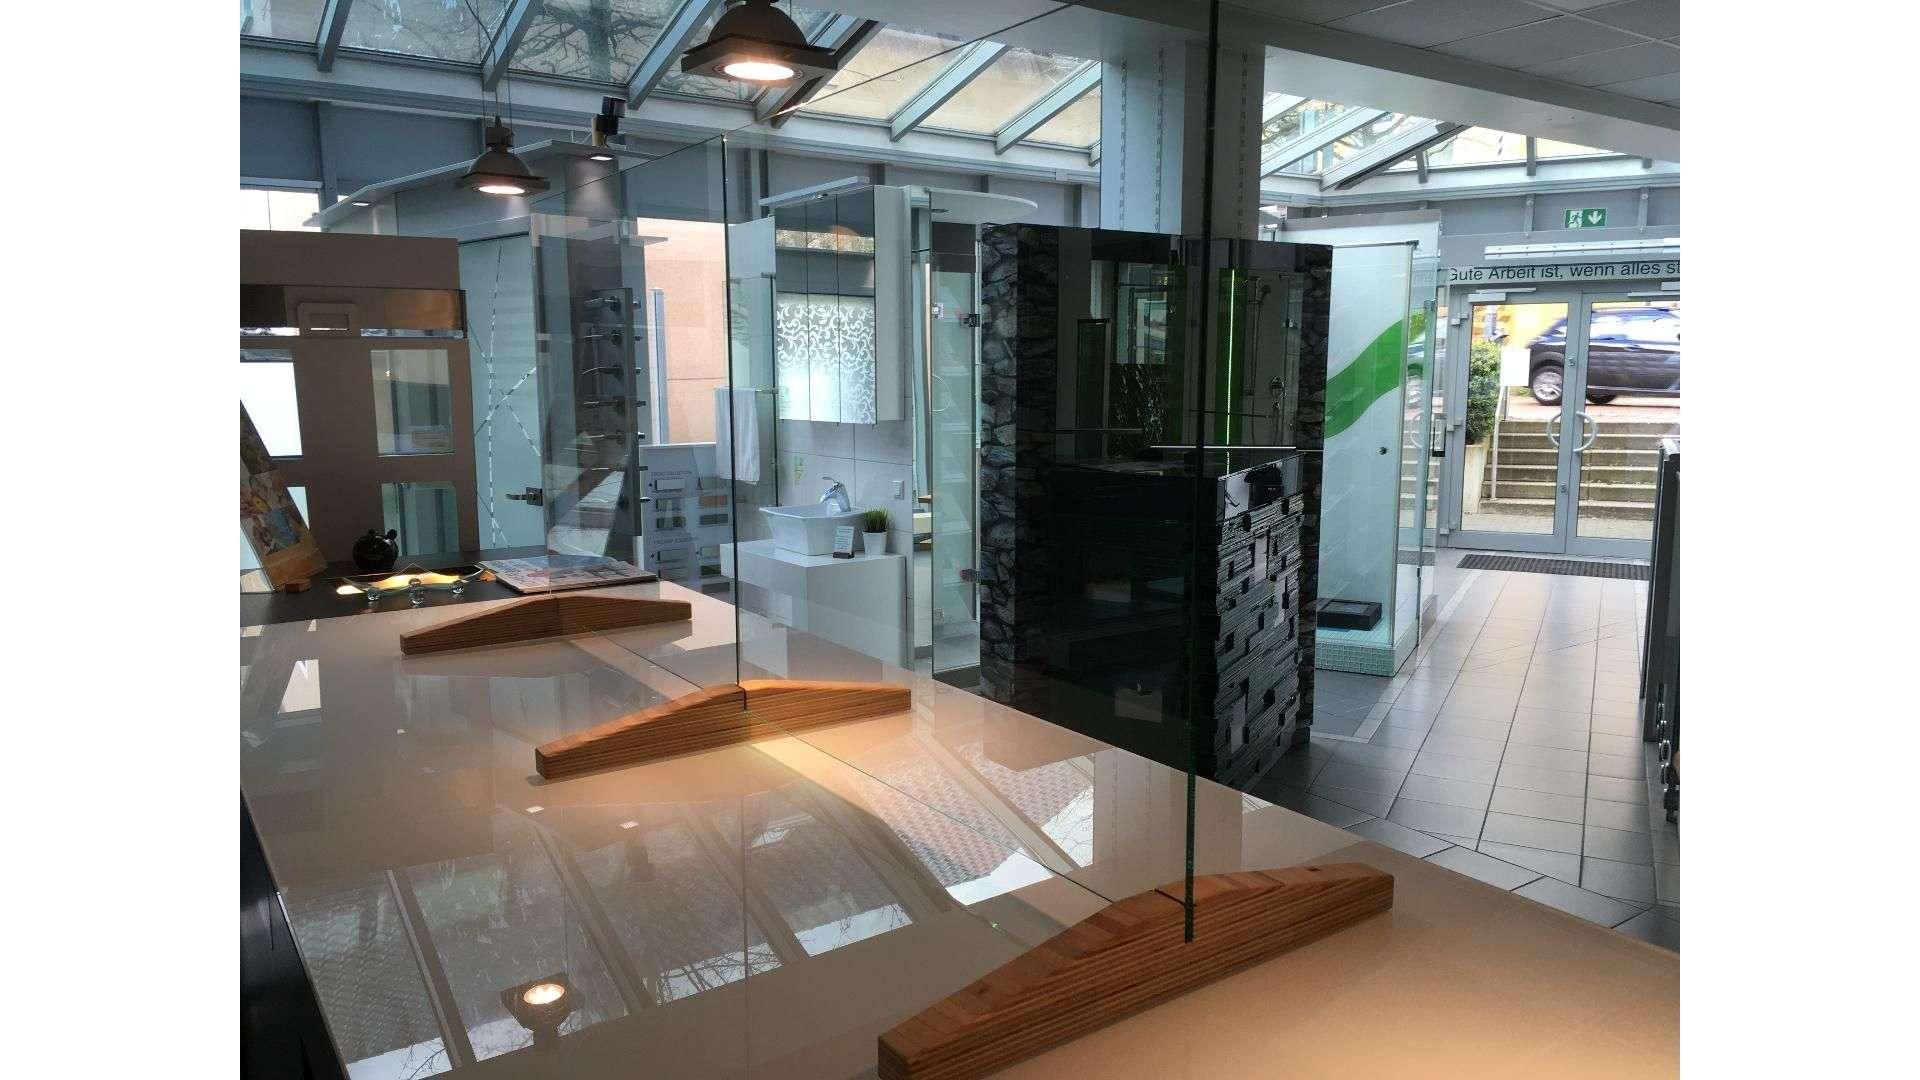 Spuckschutz auf einem Tisch in der Ausstellung von Menke-Glas in Bielefeld